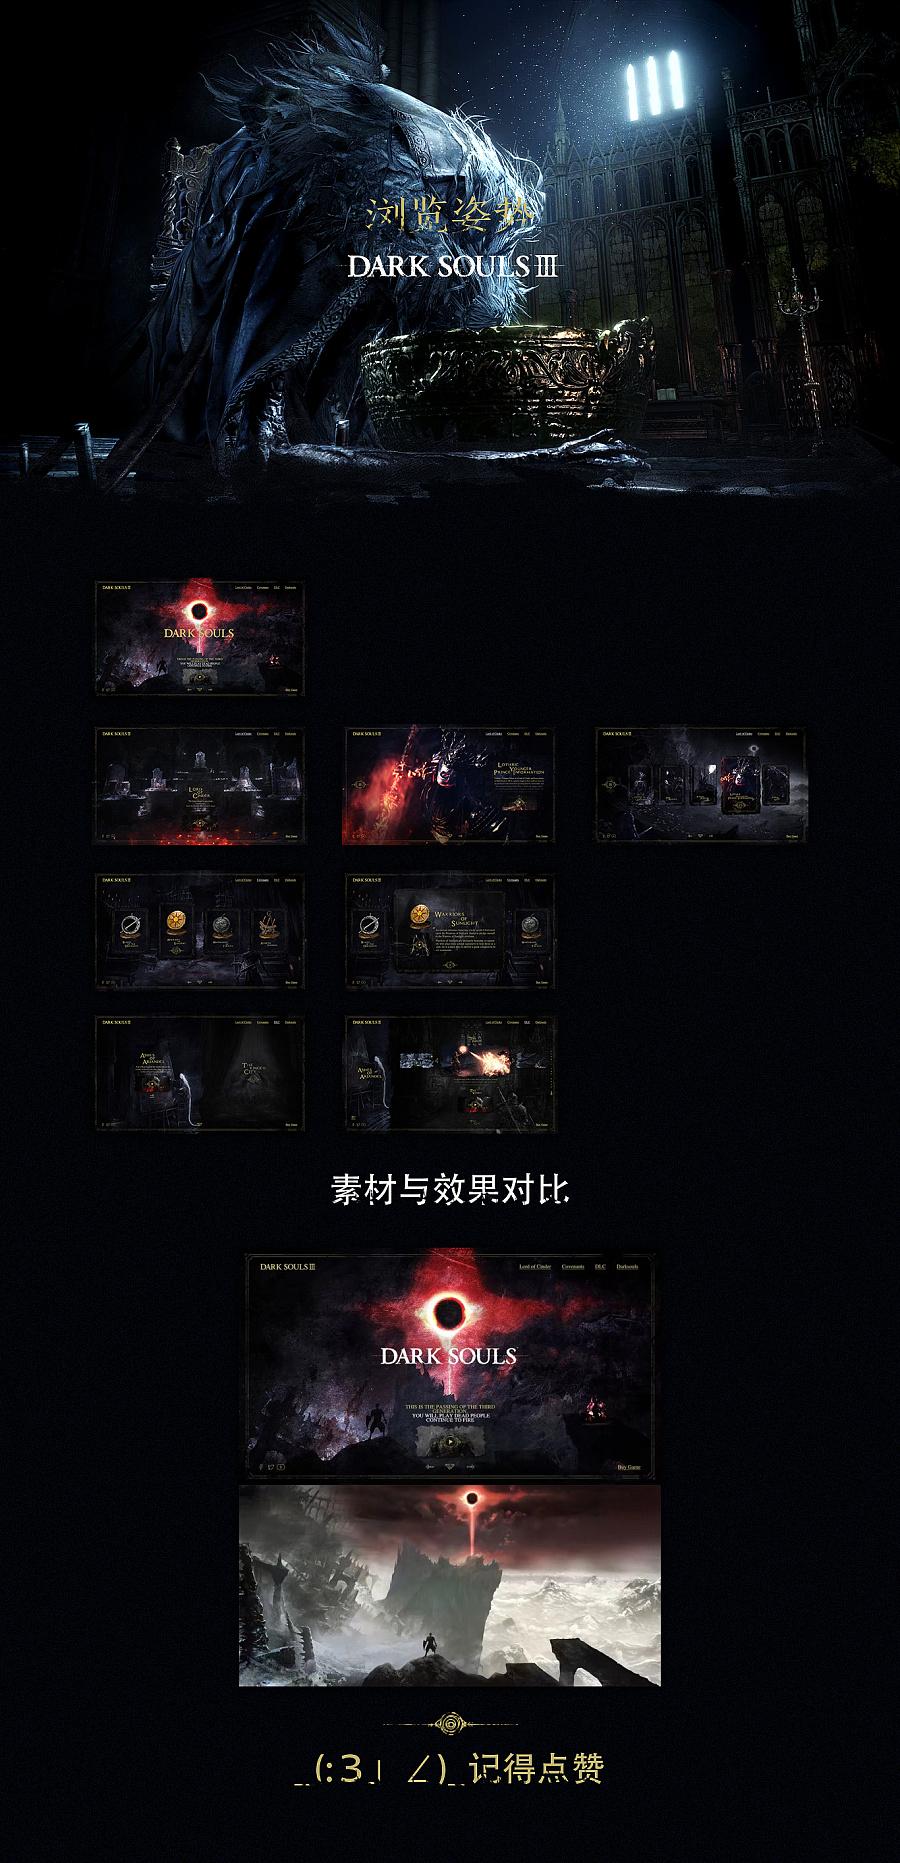 查看《【黑暗之魂3】Dark souls 3》原图,原图尺寸:1366x2828